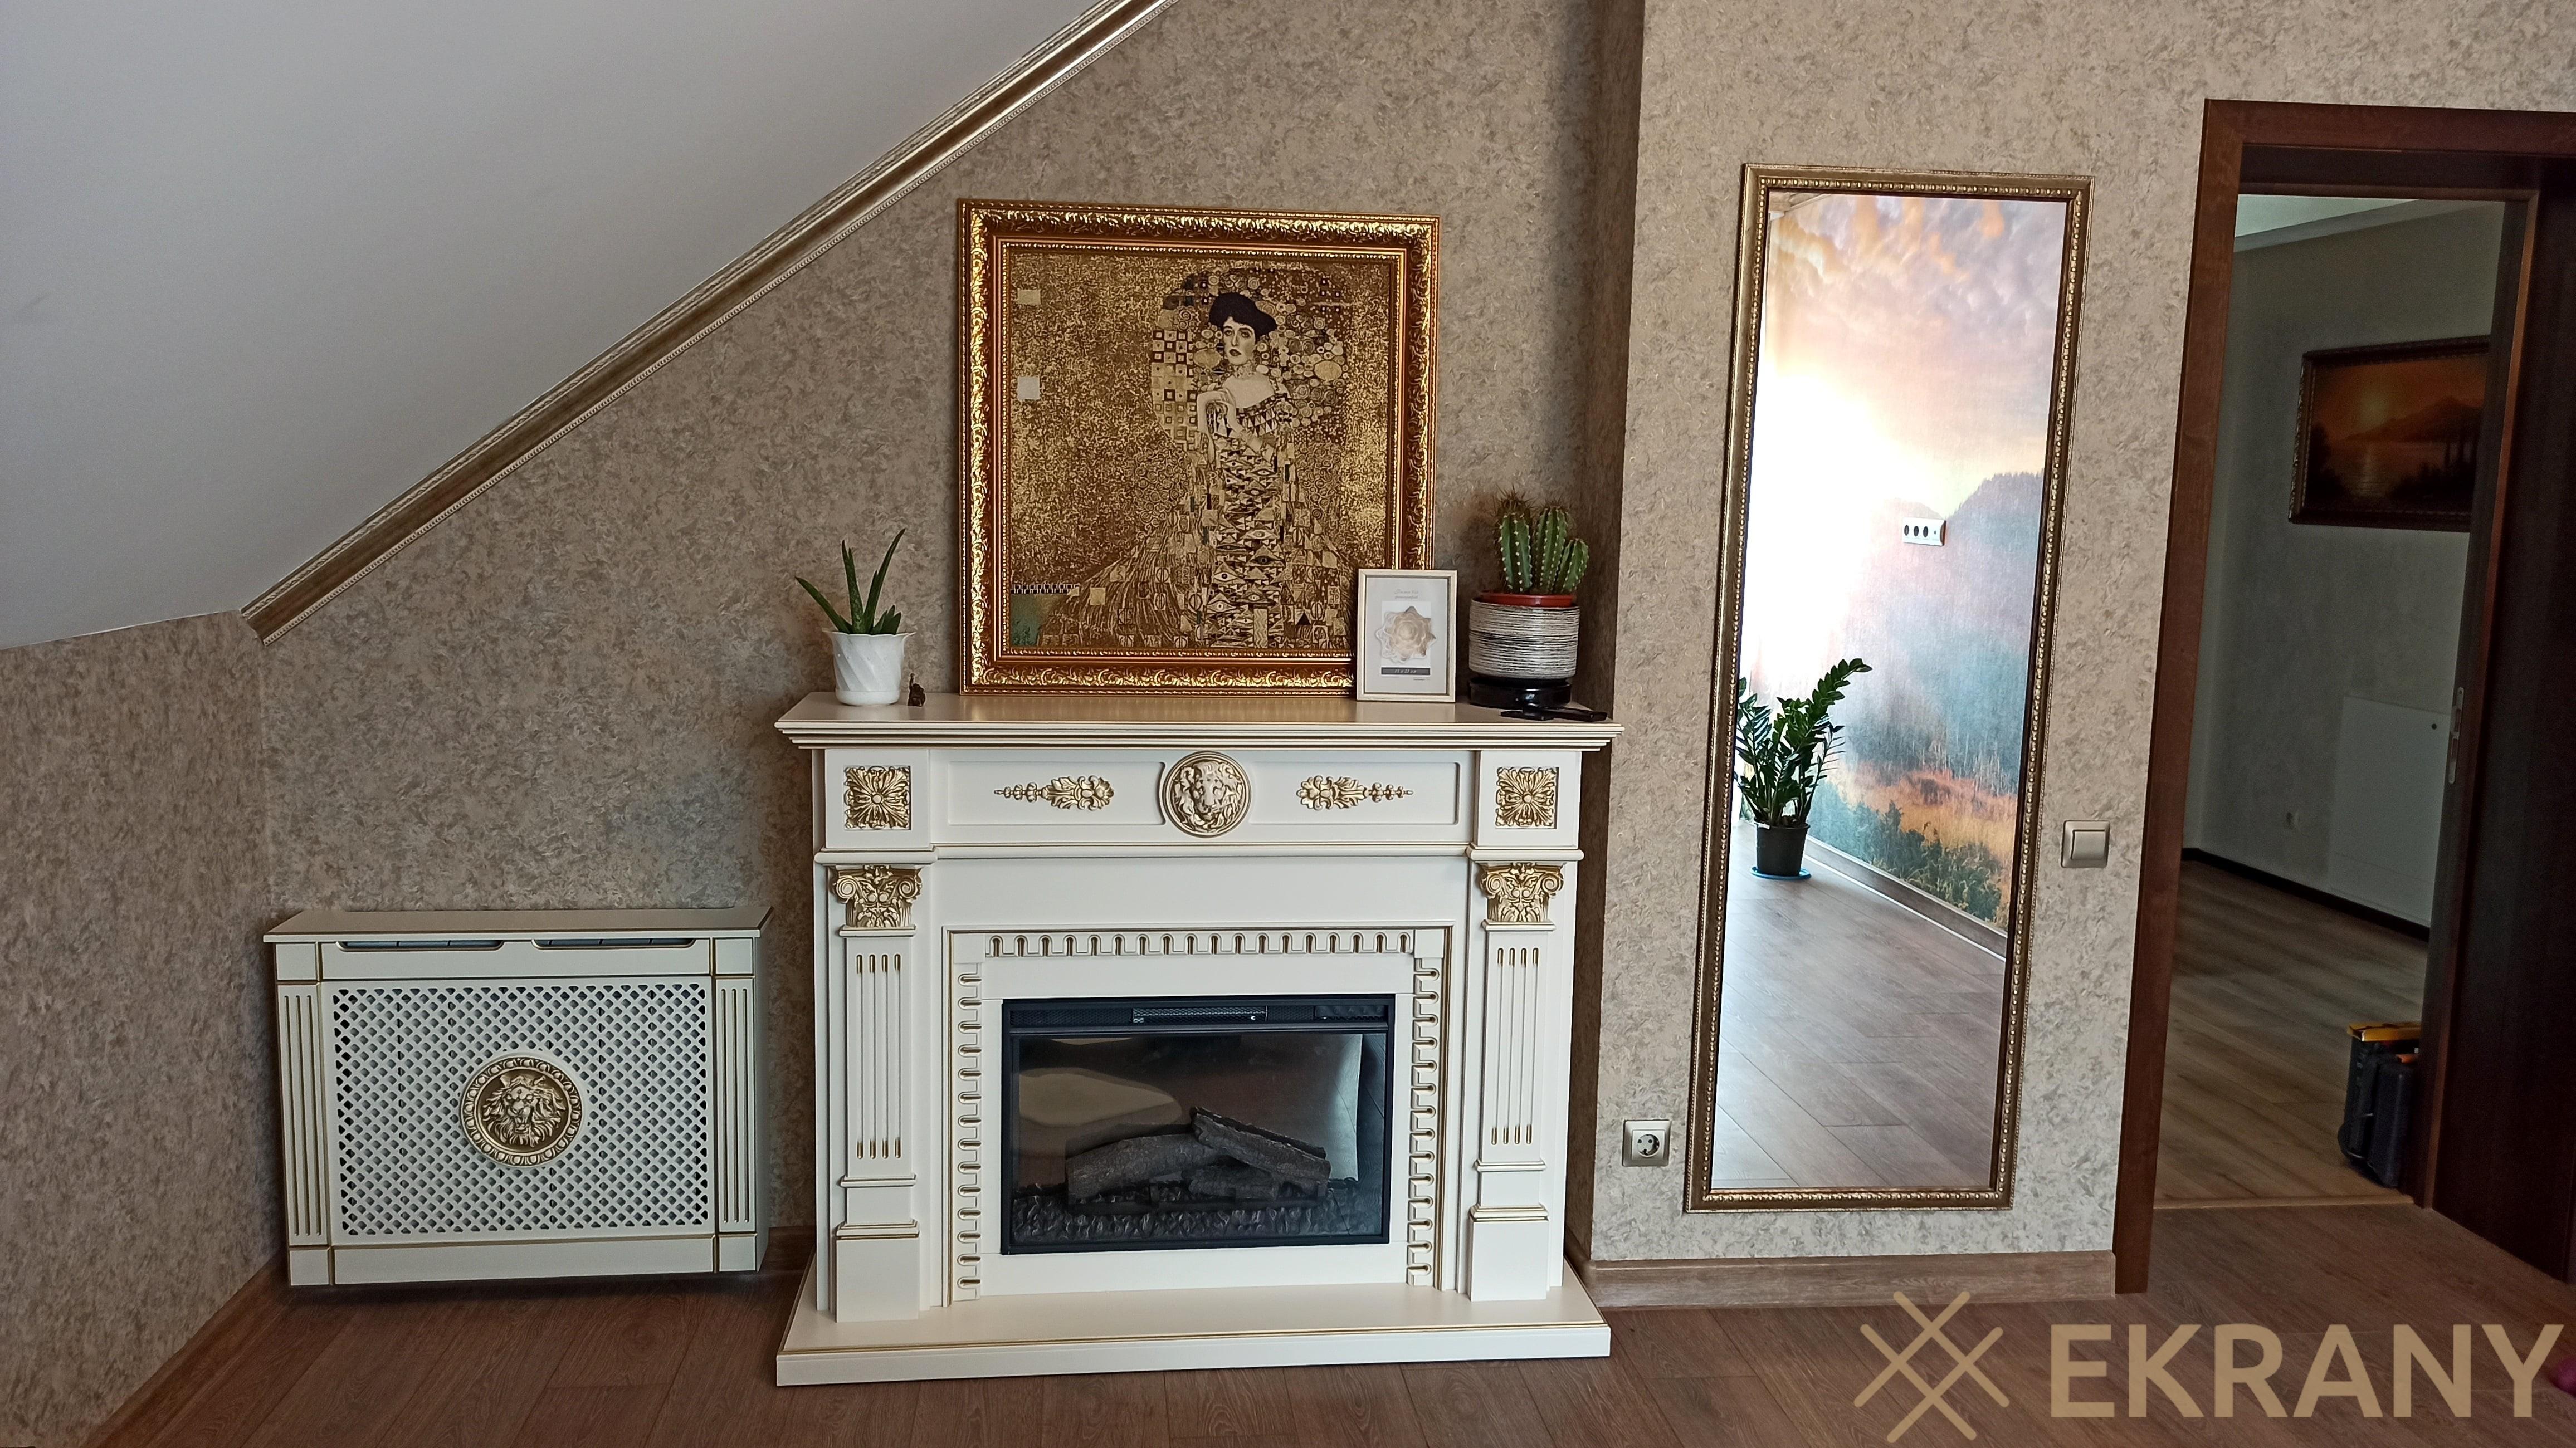 Эксклюзивный резной экран с золотой патиной и резным декором